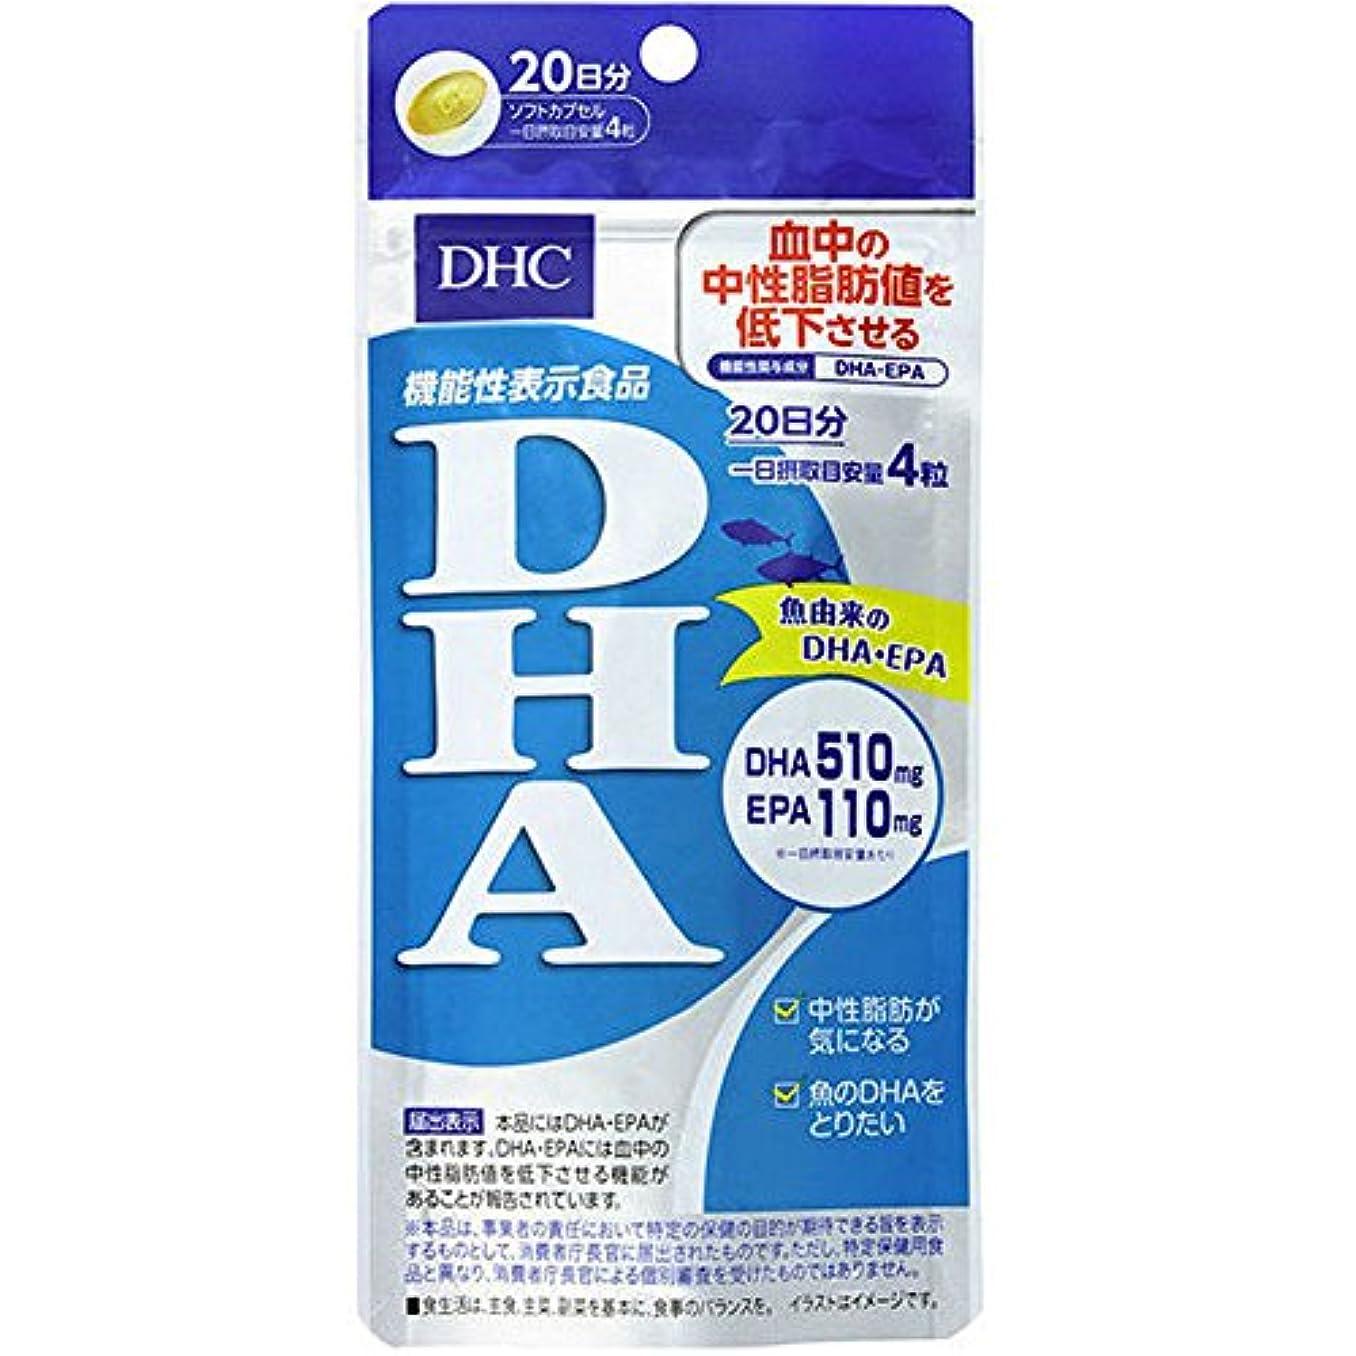 一部コール包囲DHC DHA 20日分 80粒 【機能性表示食品】